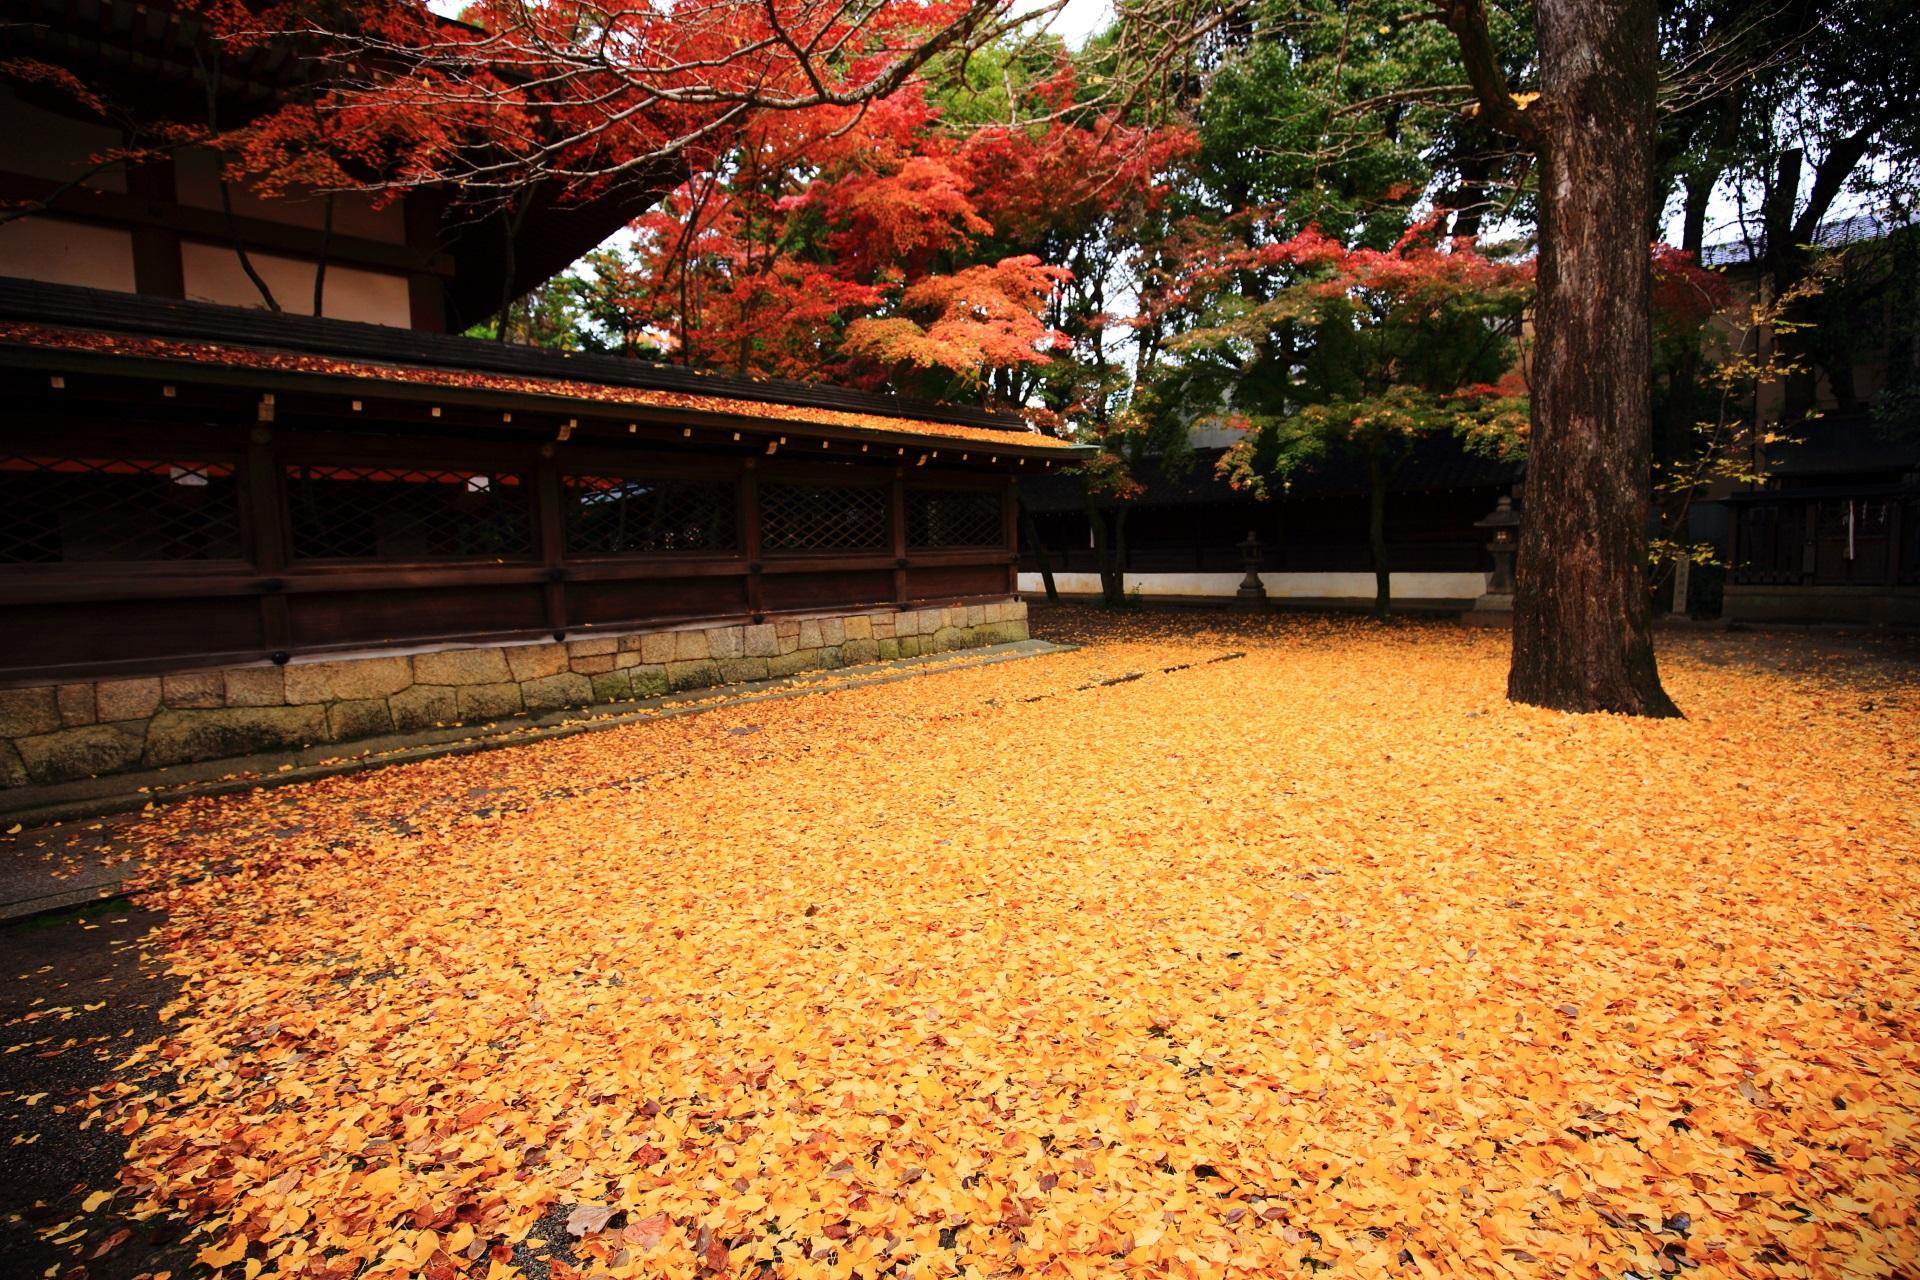 紅葉と散り銀杏の隠れた名所